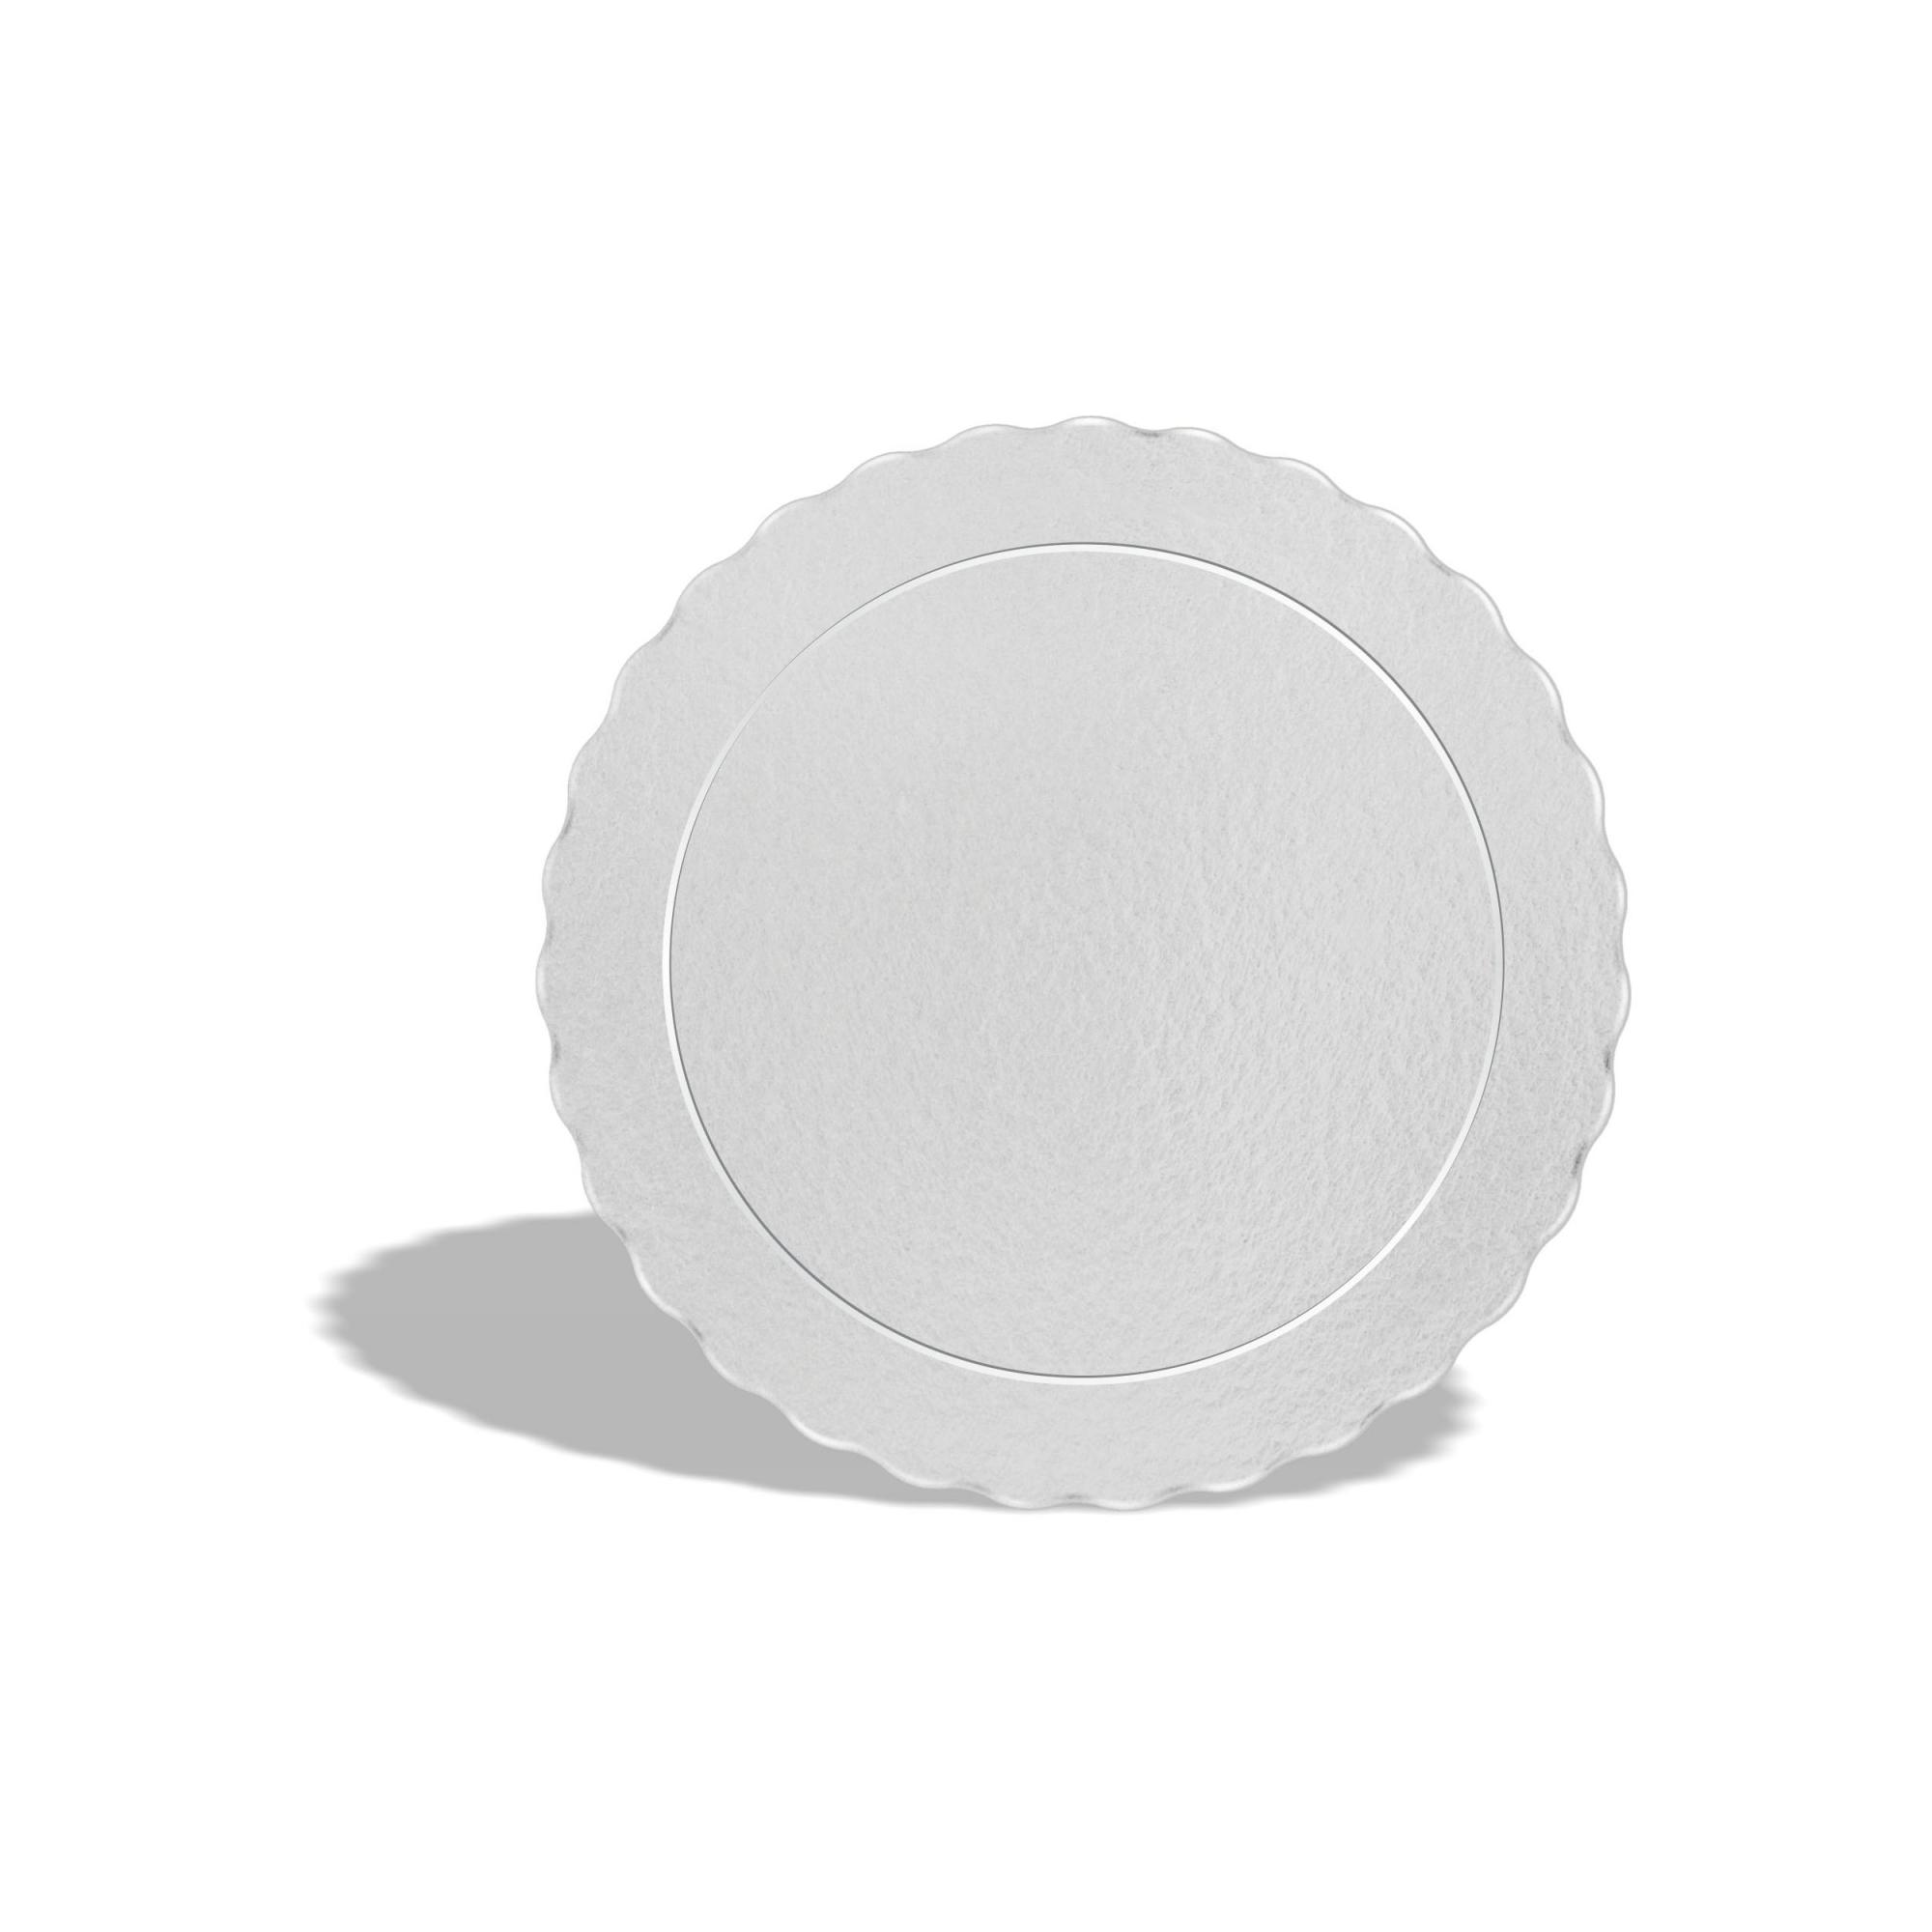 100 Bases Laminadas Para Bolo Redondo, Cake Board 21cm - Branco